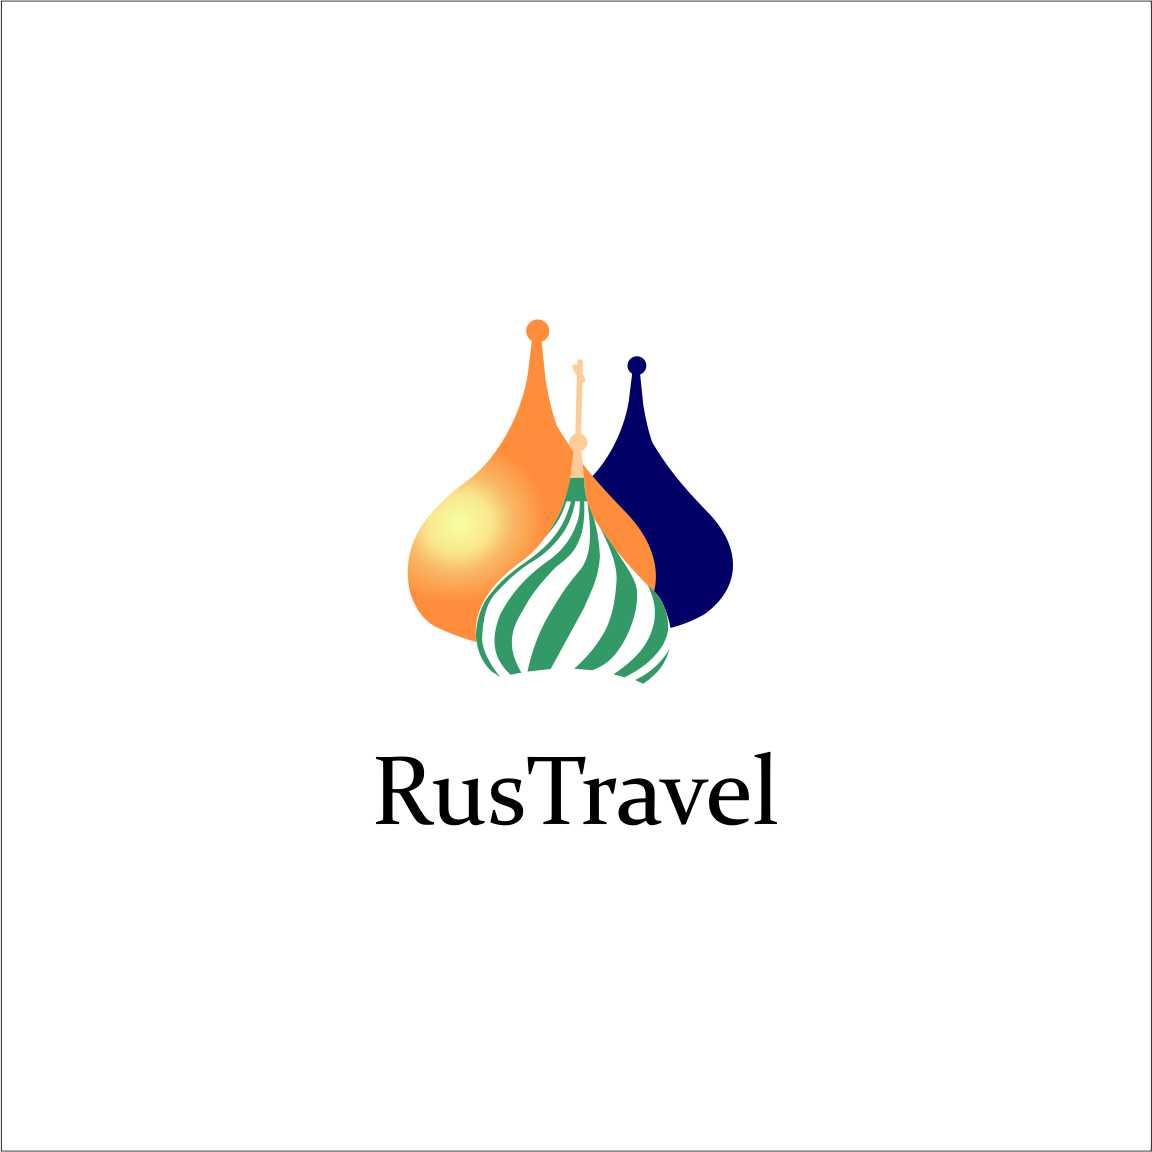 Разработка логотипа фото f_6695b3f45a217f92.jpg